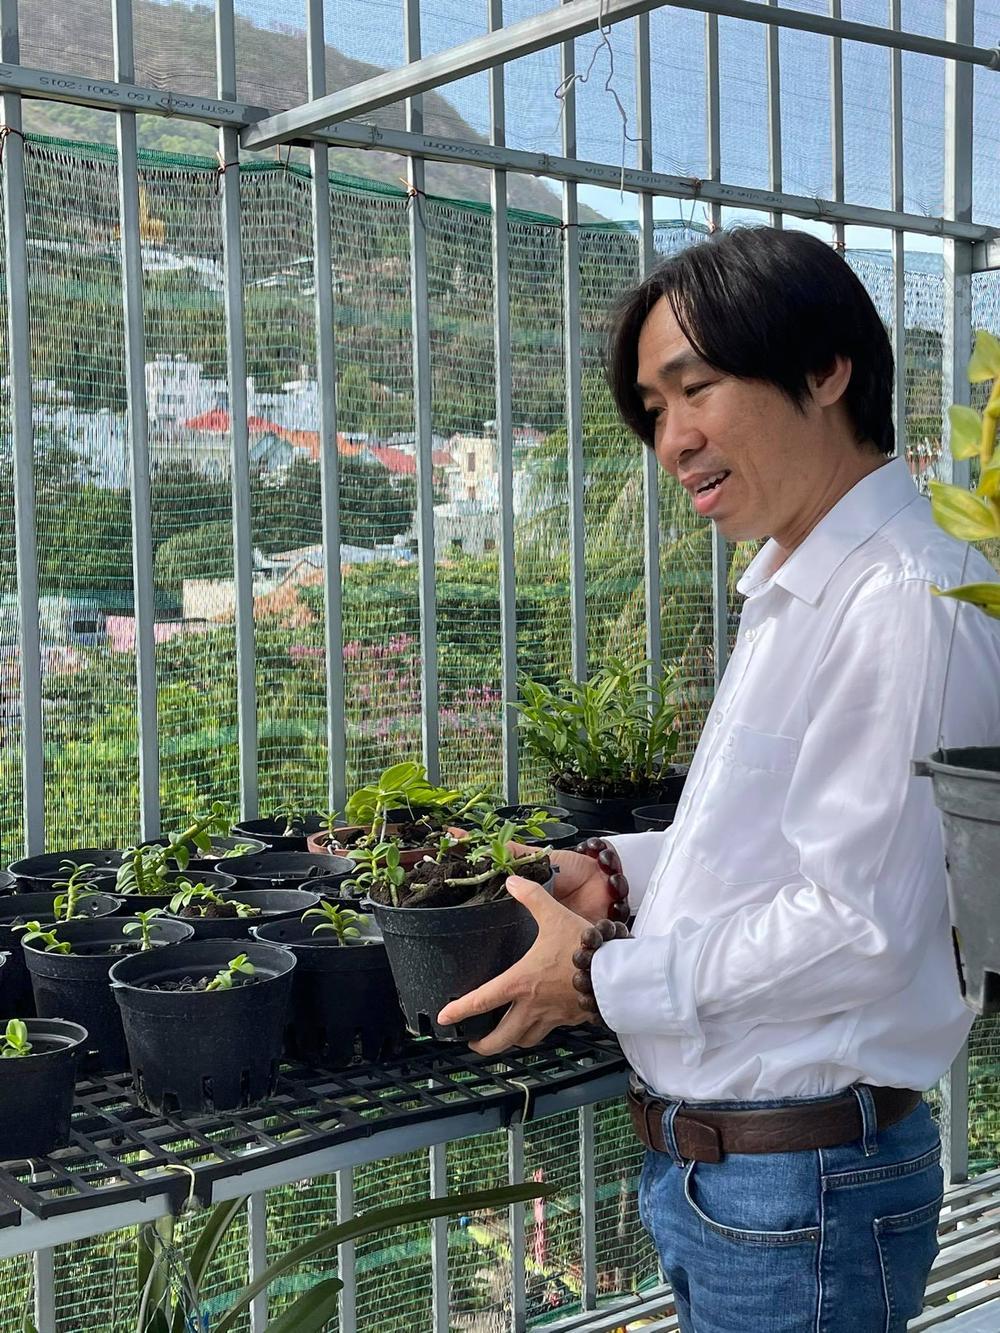 Ông chủ Nguyễn Huy Bình và vườn lan 'khủng' nhiều người ngưỡng mộ Ảnh 6